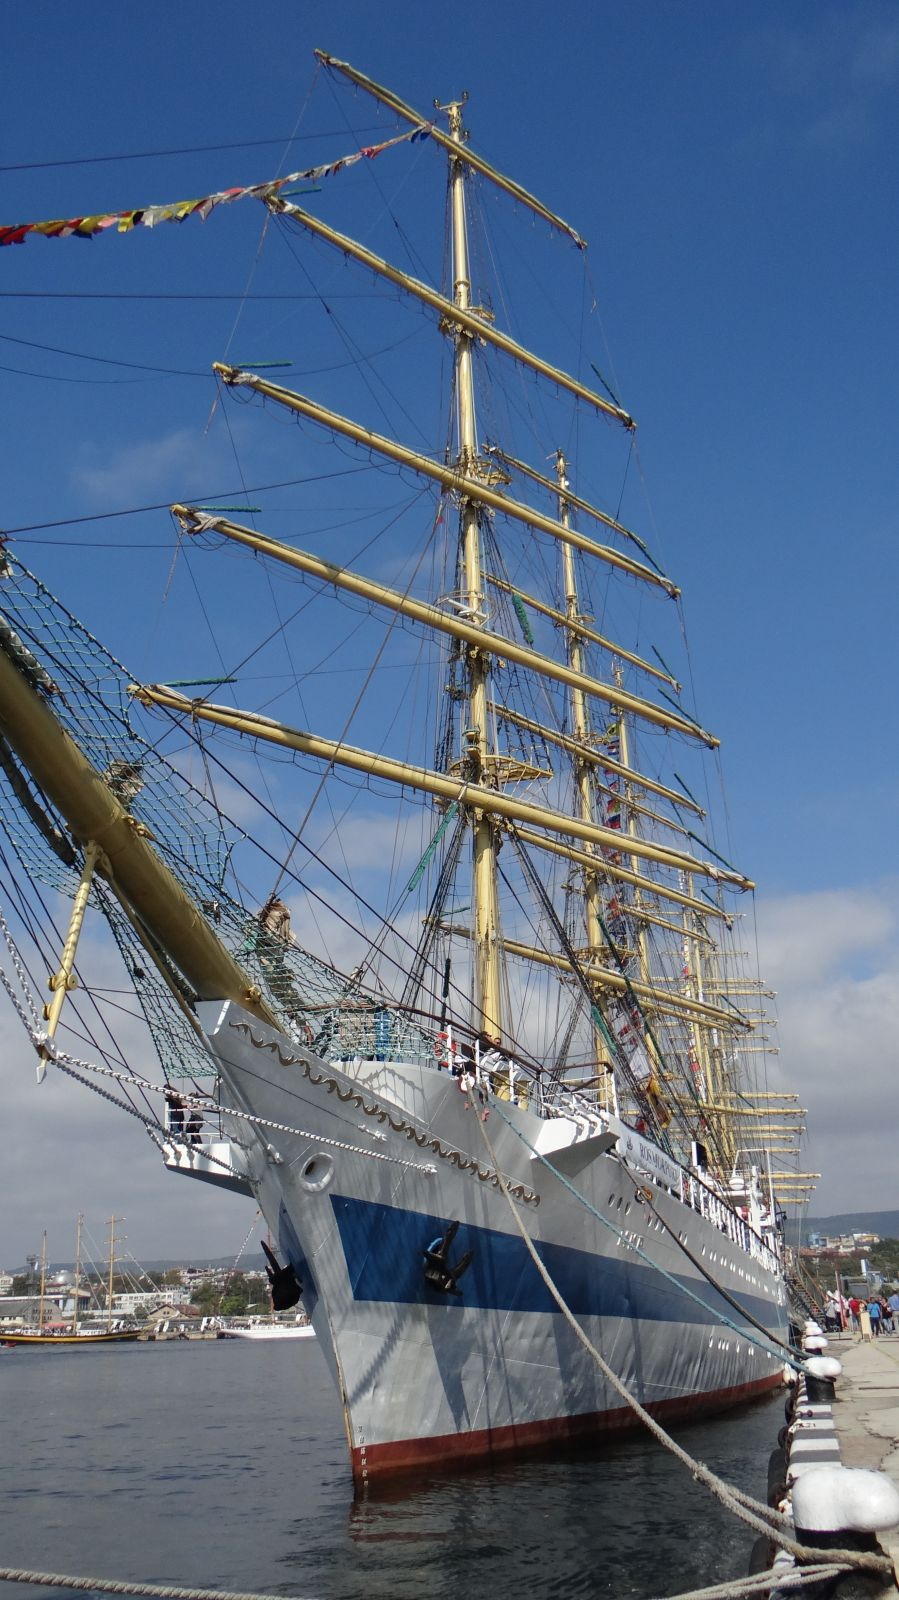 ВЯТЪР В КОСИТЕ, ПЛАТНА В ОЧИТЕ - СПОМЕНИ ОТ SCF Black Sea Tall Ships Regatta 2016 (снимки)